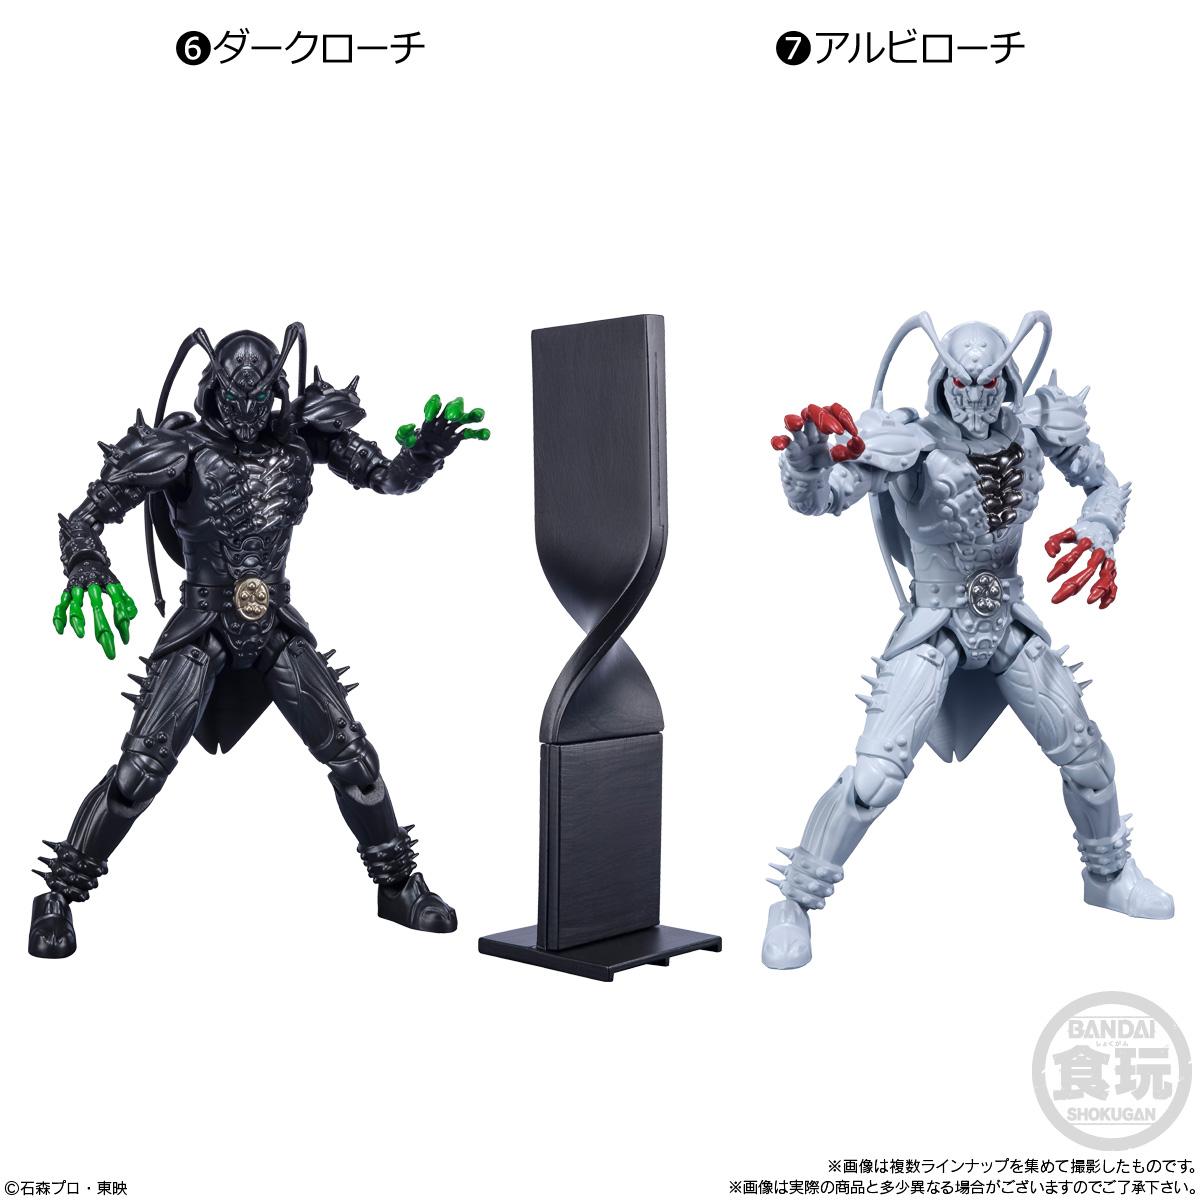 【食玩】SHODO-O『仮面ライダー7』可動フィギュア 10個入りBOX-007